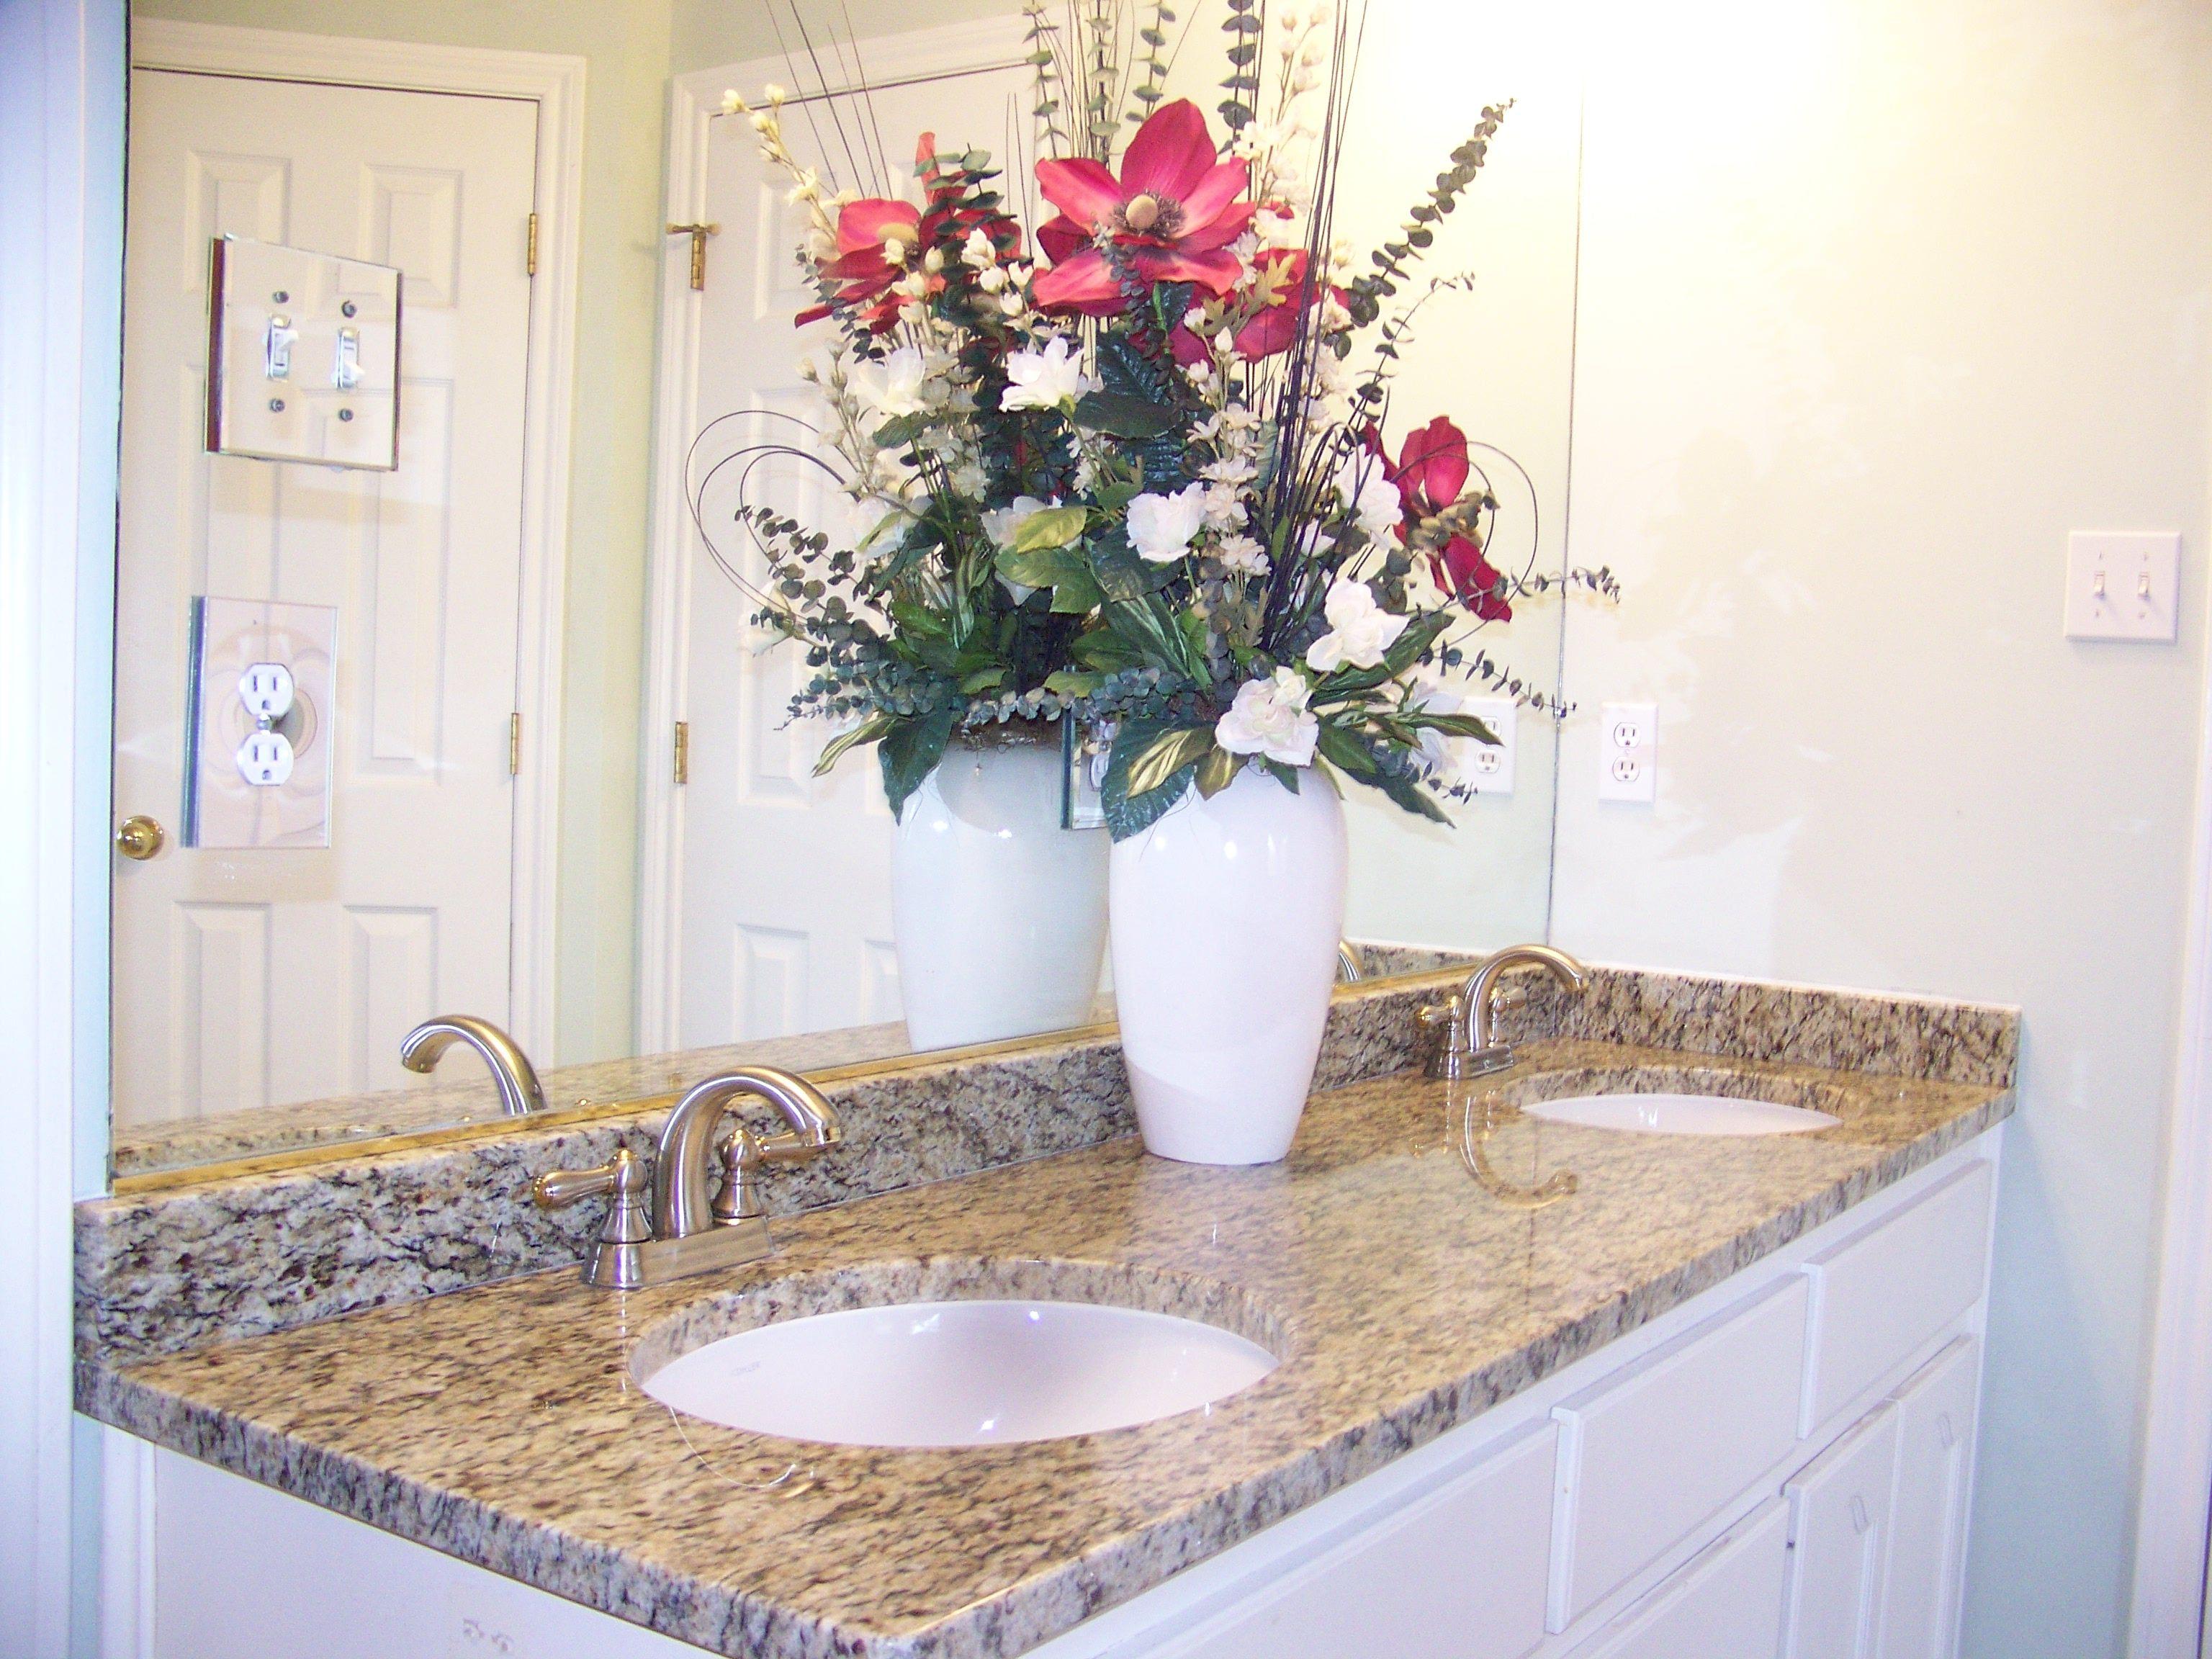 Newstar Supply Santa Cecilia Granite Countertops Granite Vanity Granite  Countertop China Factory Excellent Quality Natural Granite